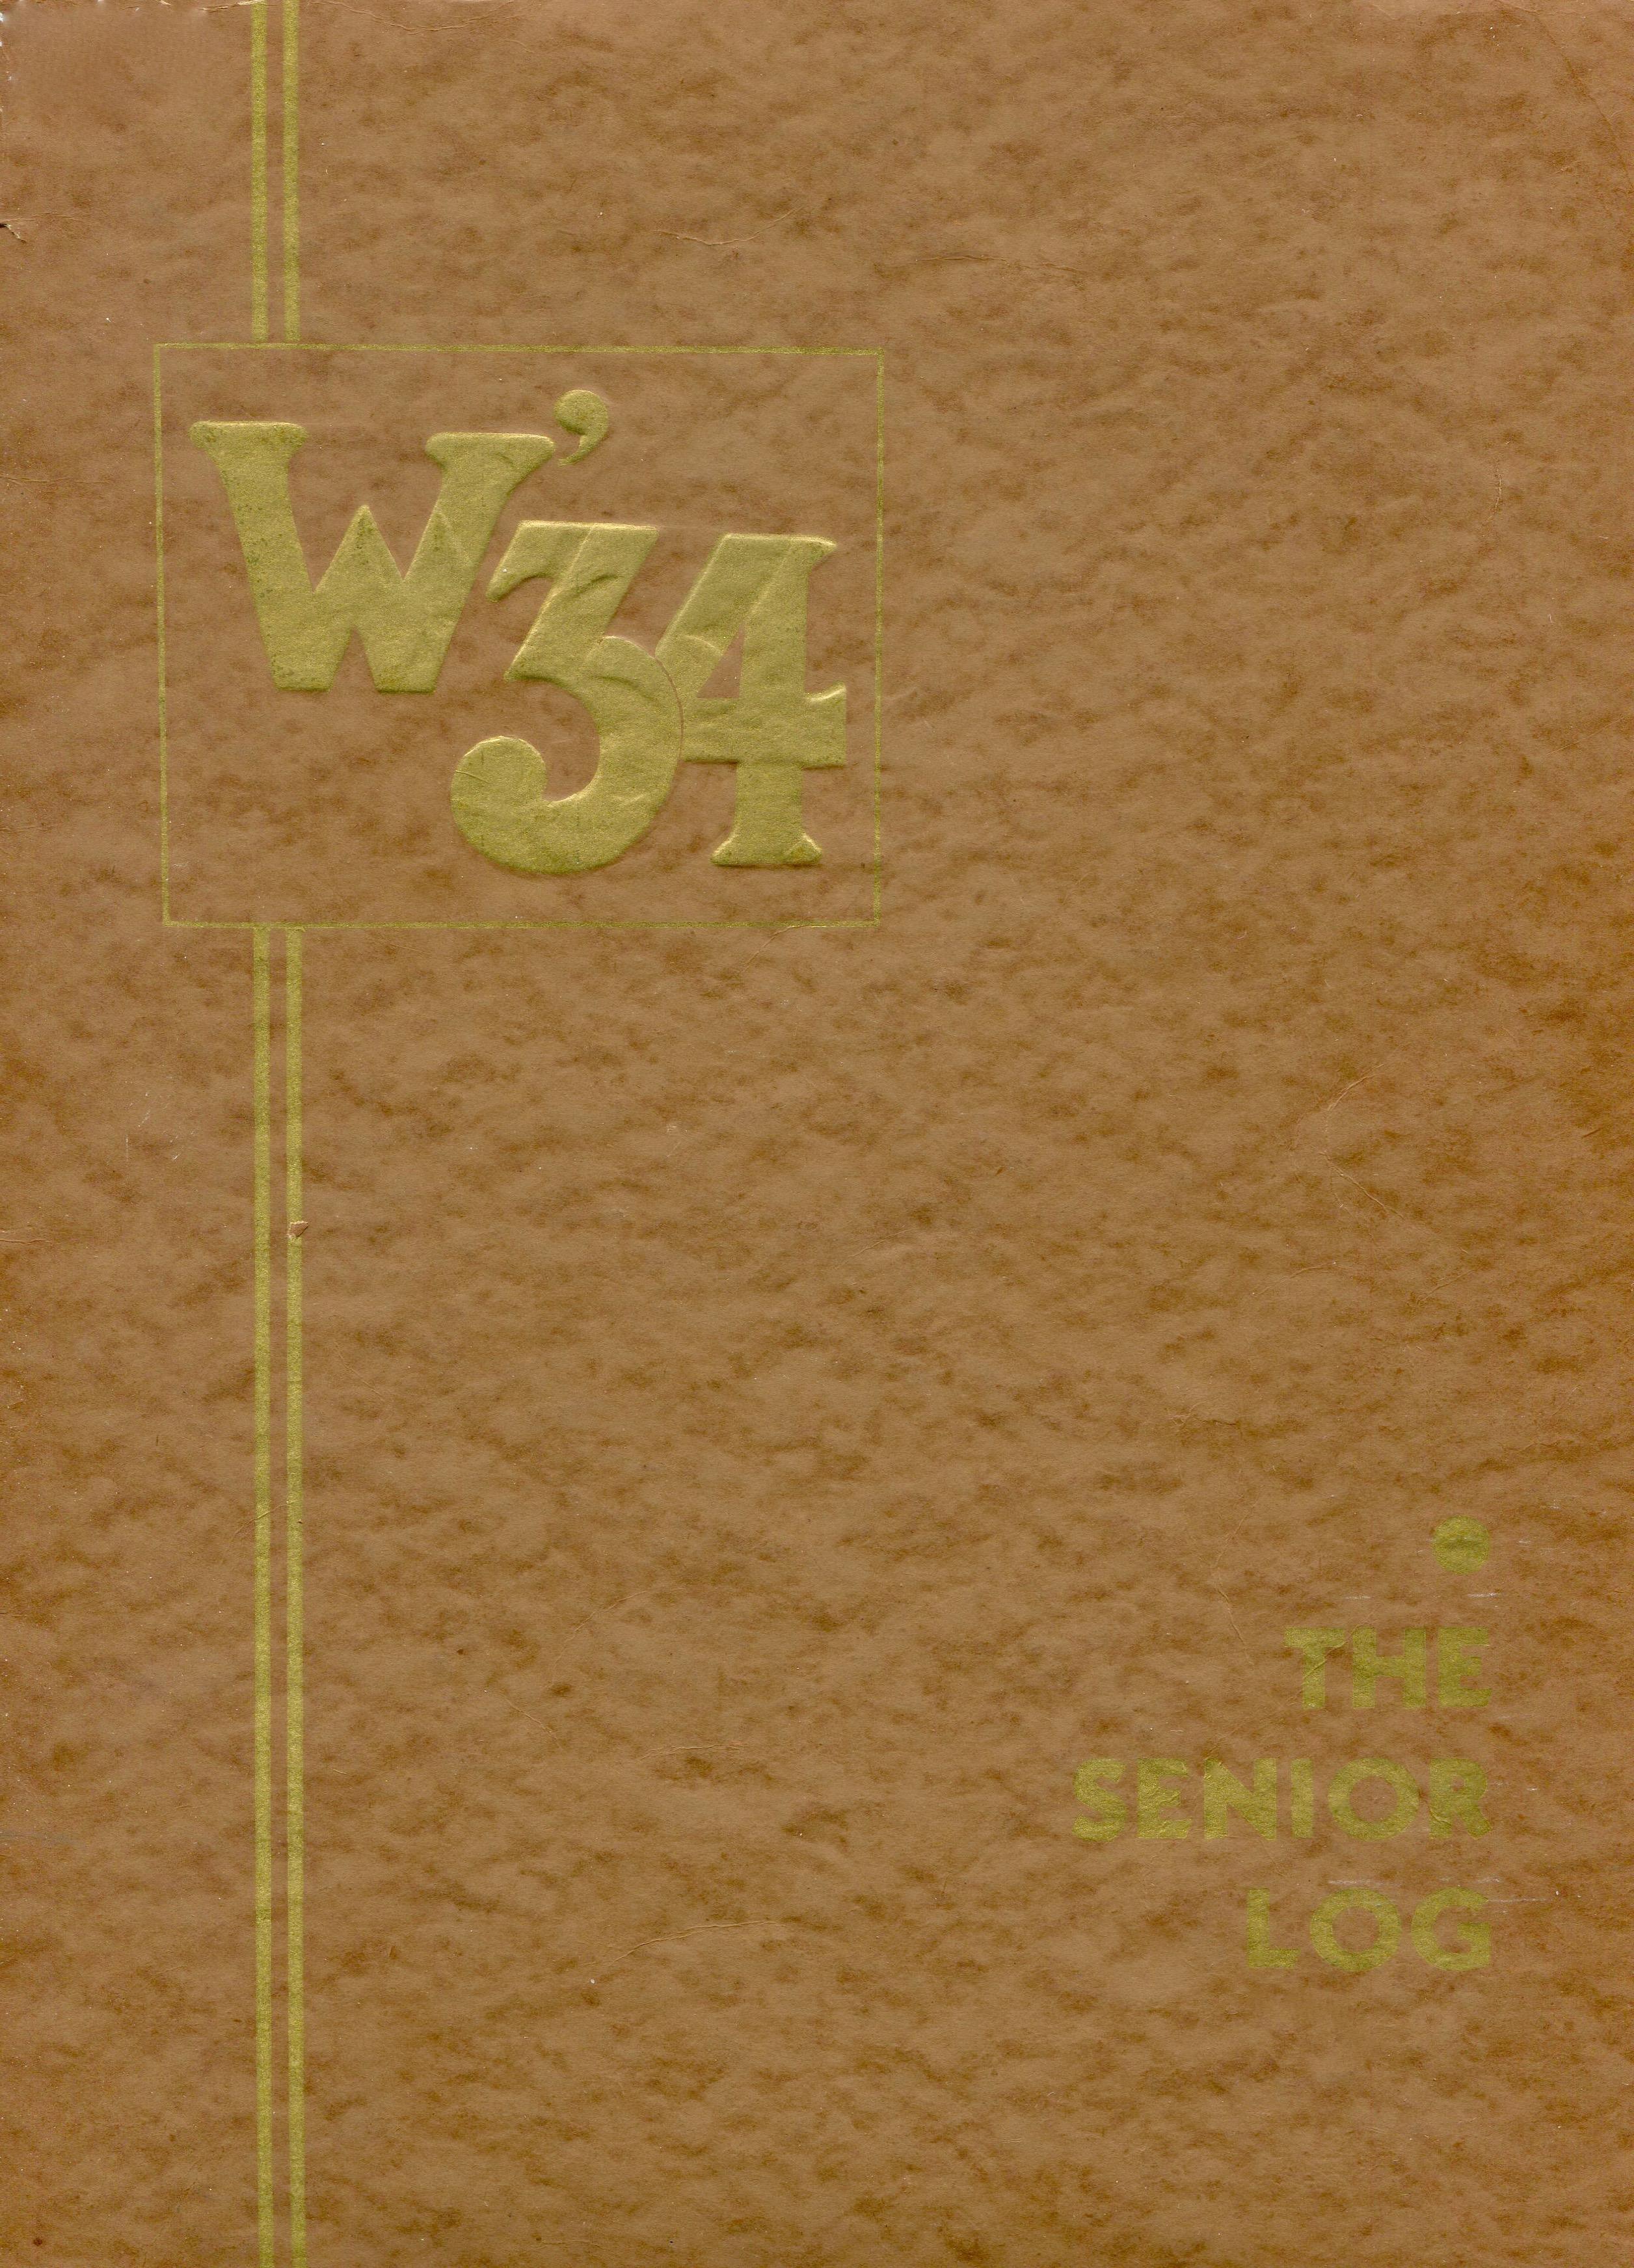 Winter 1934 yearbook